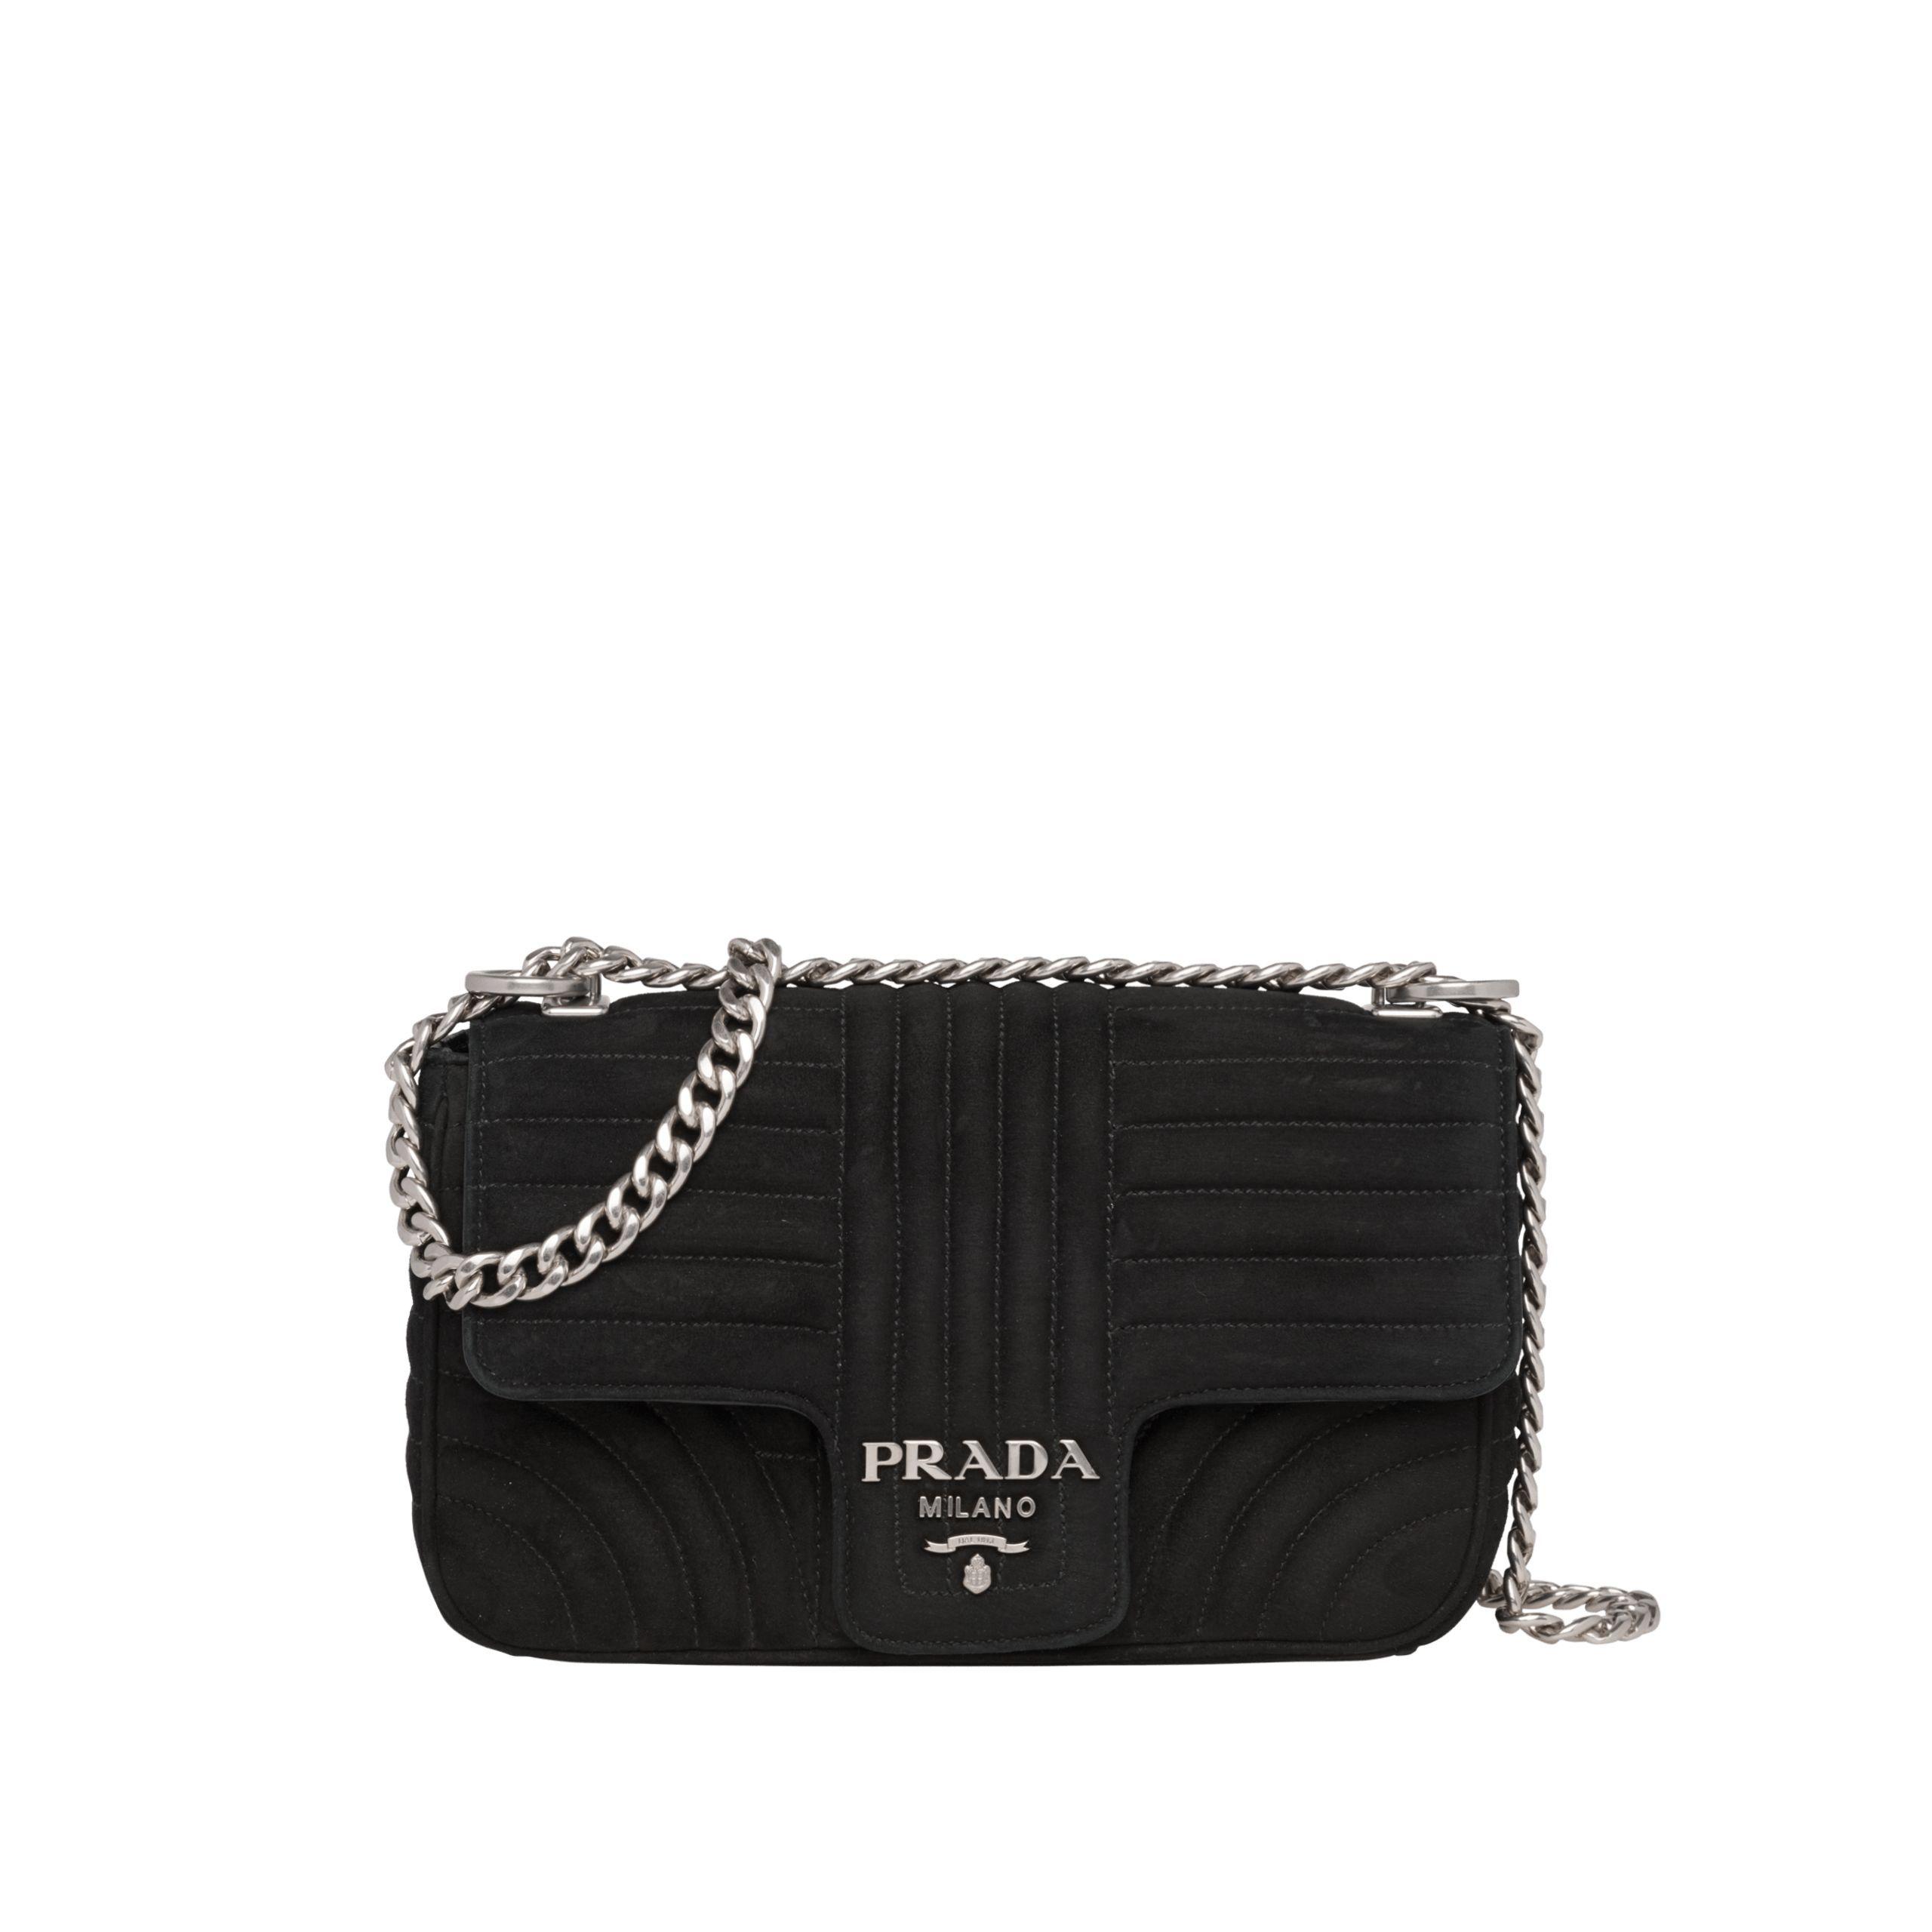 e014596cd41 Diagramme suede bag in 2019   Prada   Bags, Prada, Shoulder Bag